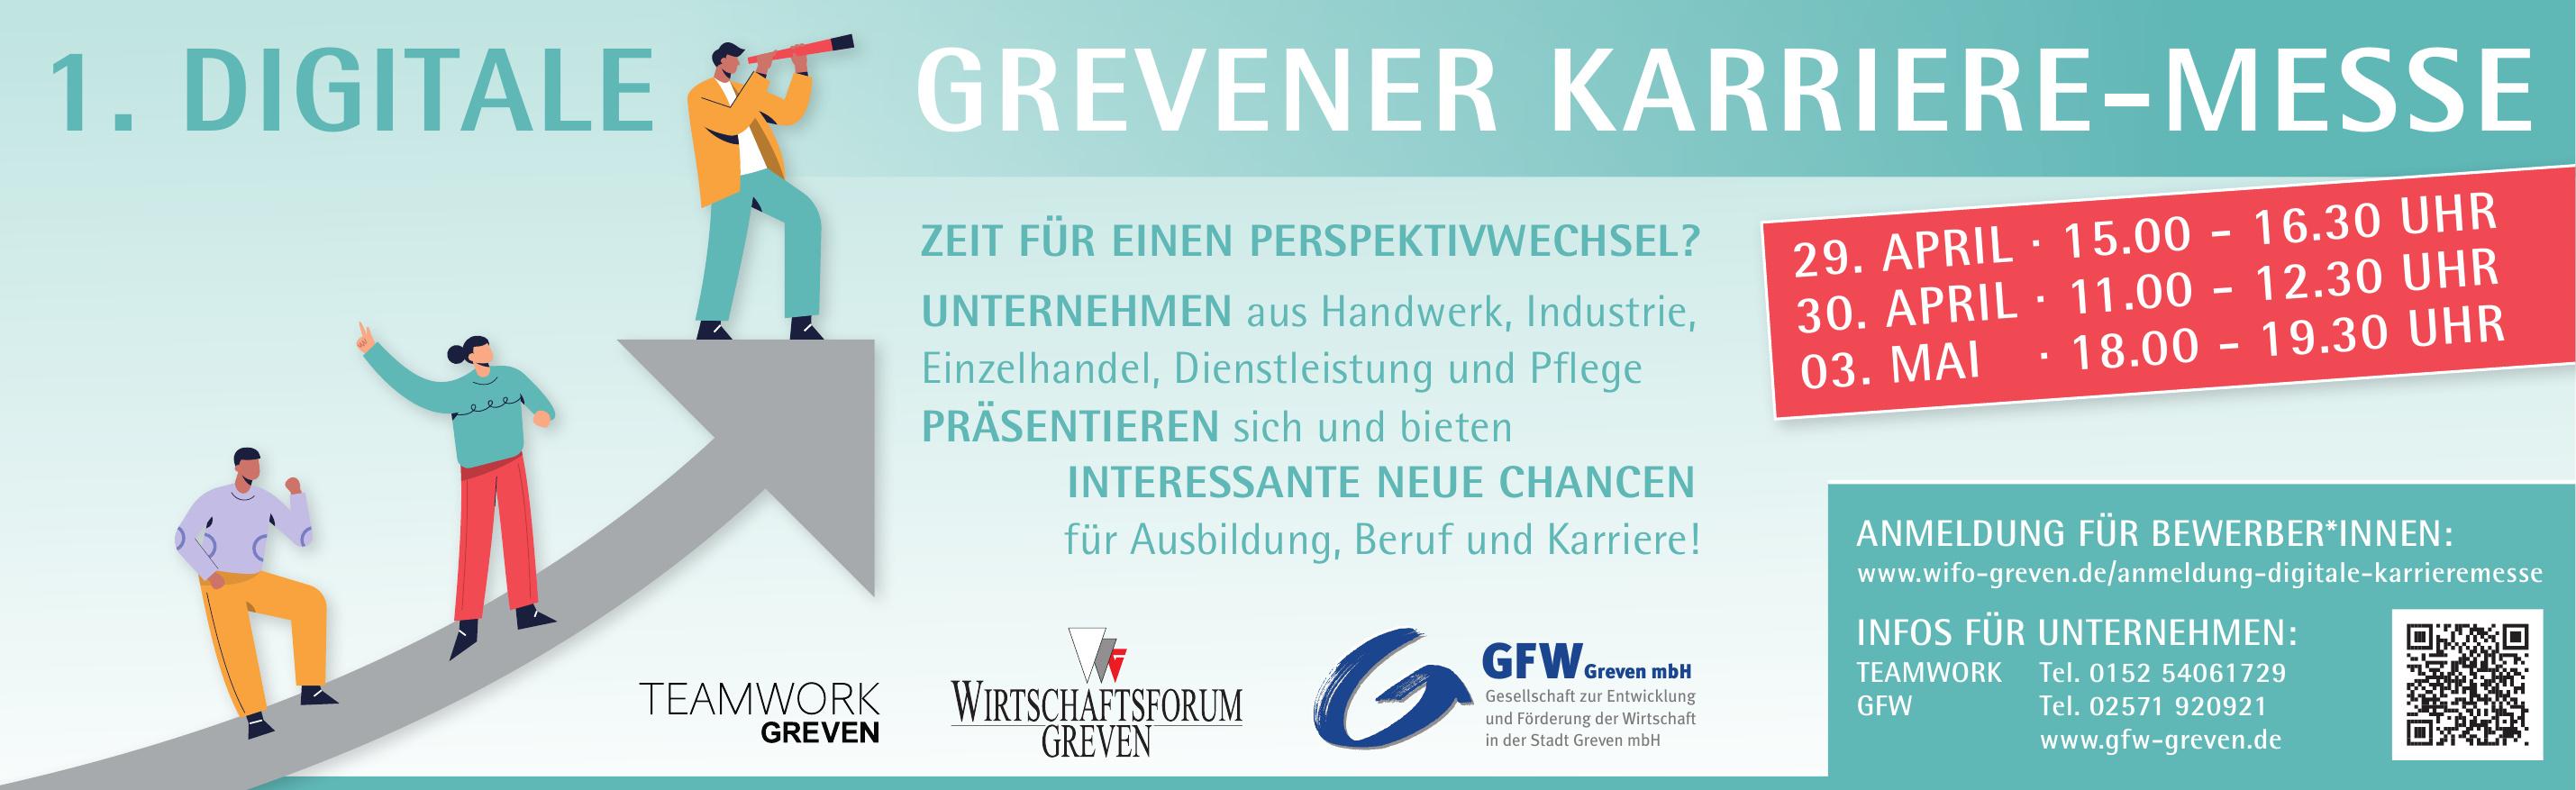 1. Digitale Grevener Karriere-Messe